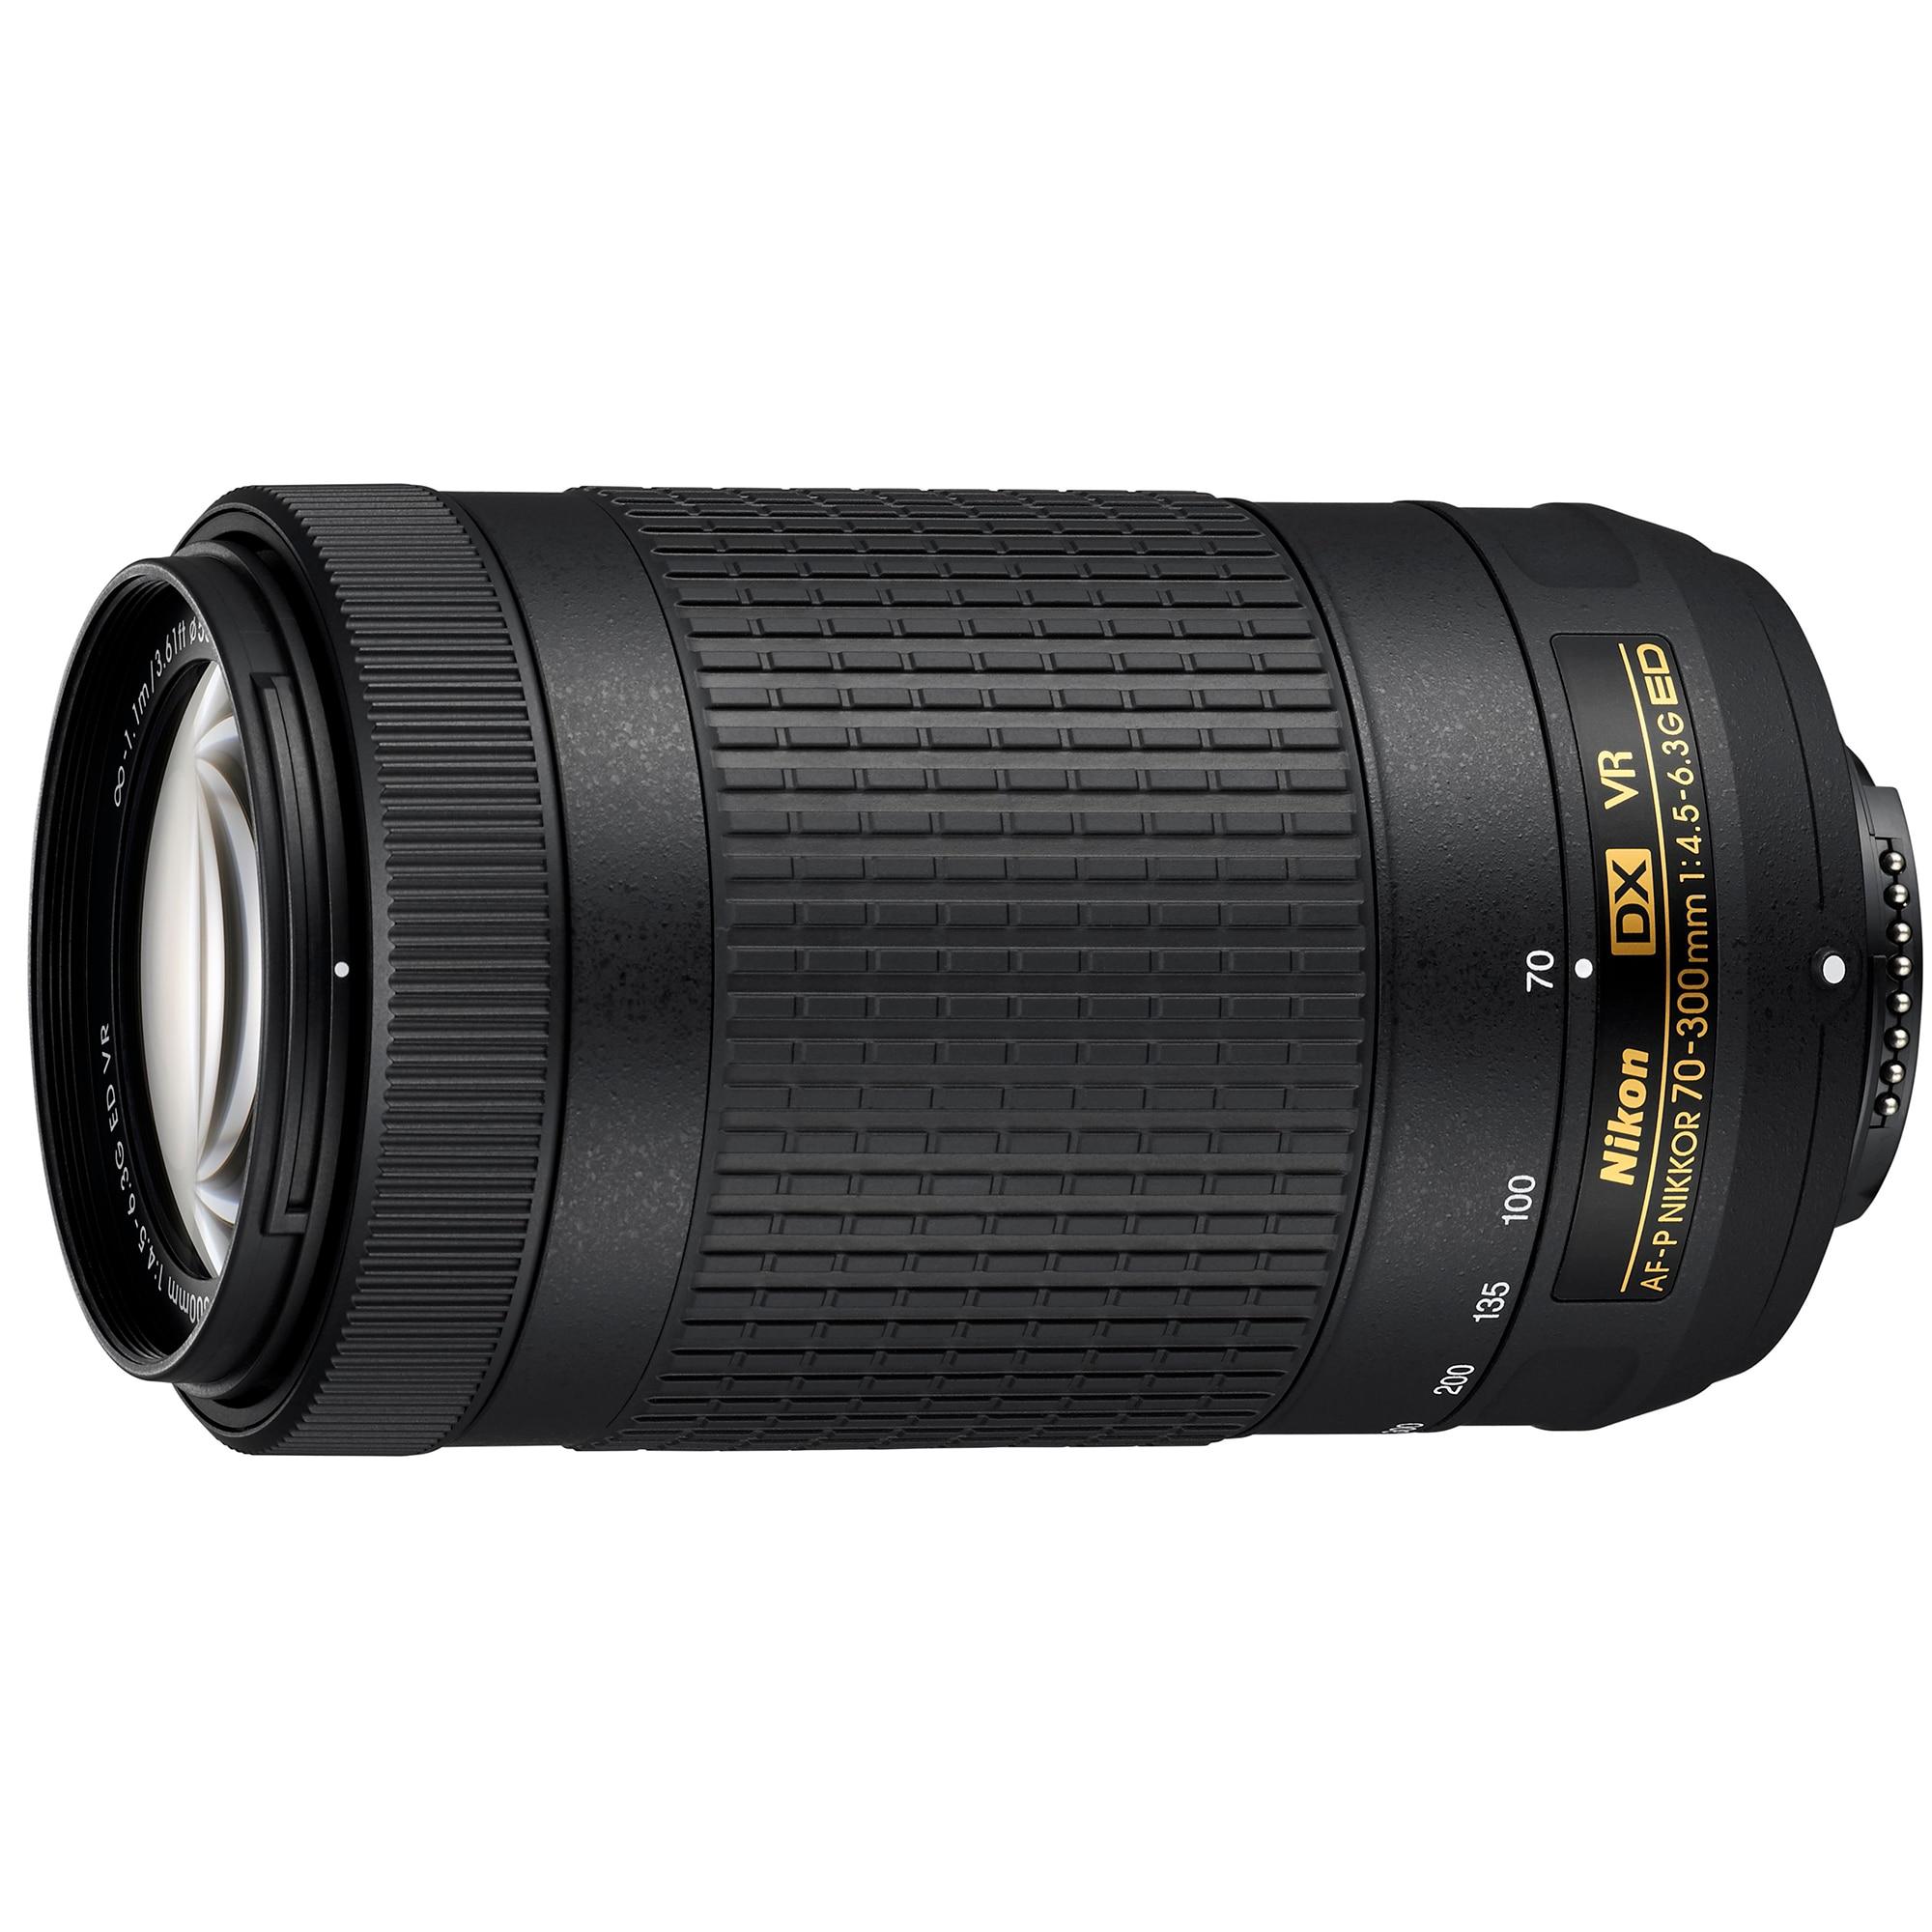 Fotografie Obiectiv Nikon 70-300mm f/4.5-6.3G ED VR AF-P DX